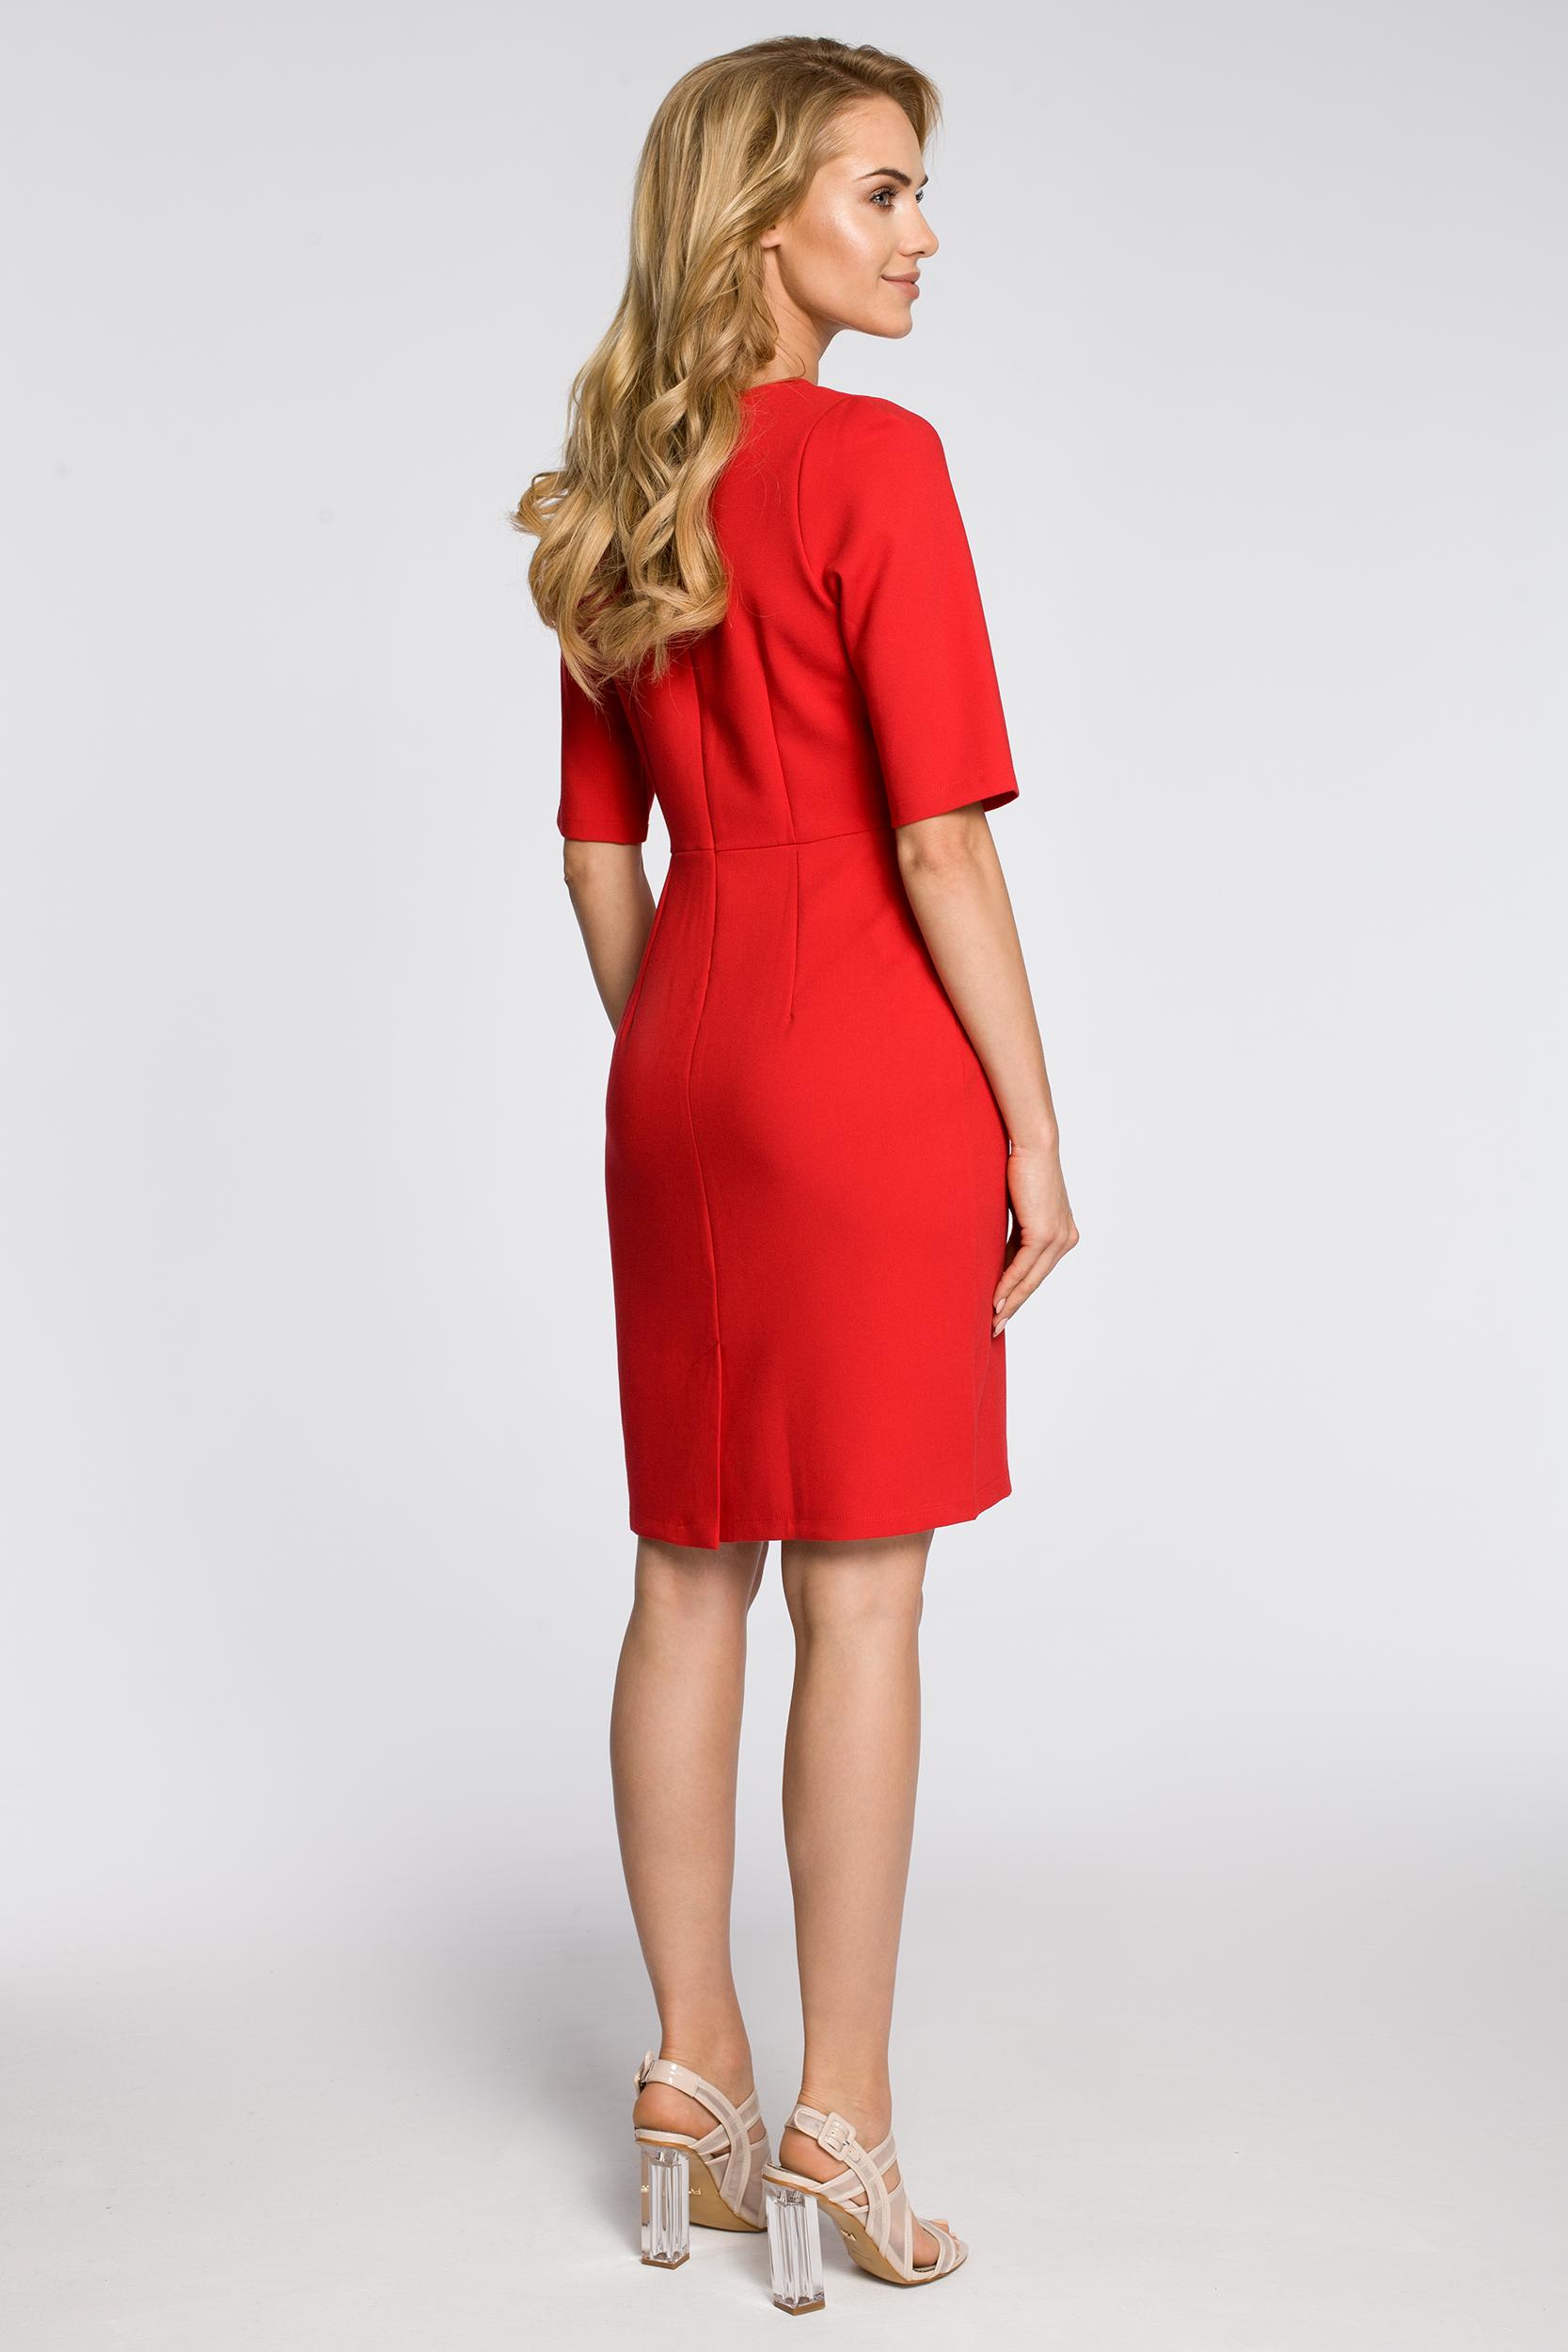 CM2217 Ołówkowa sukienka z krótkim rękawem - czerwona